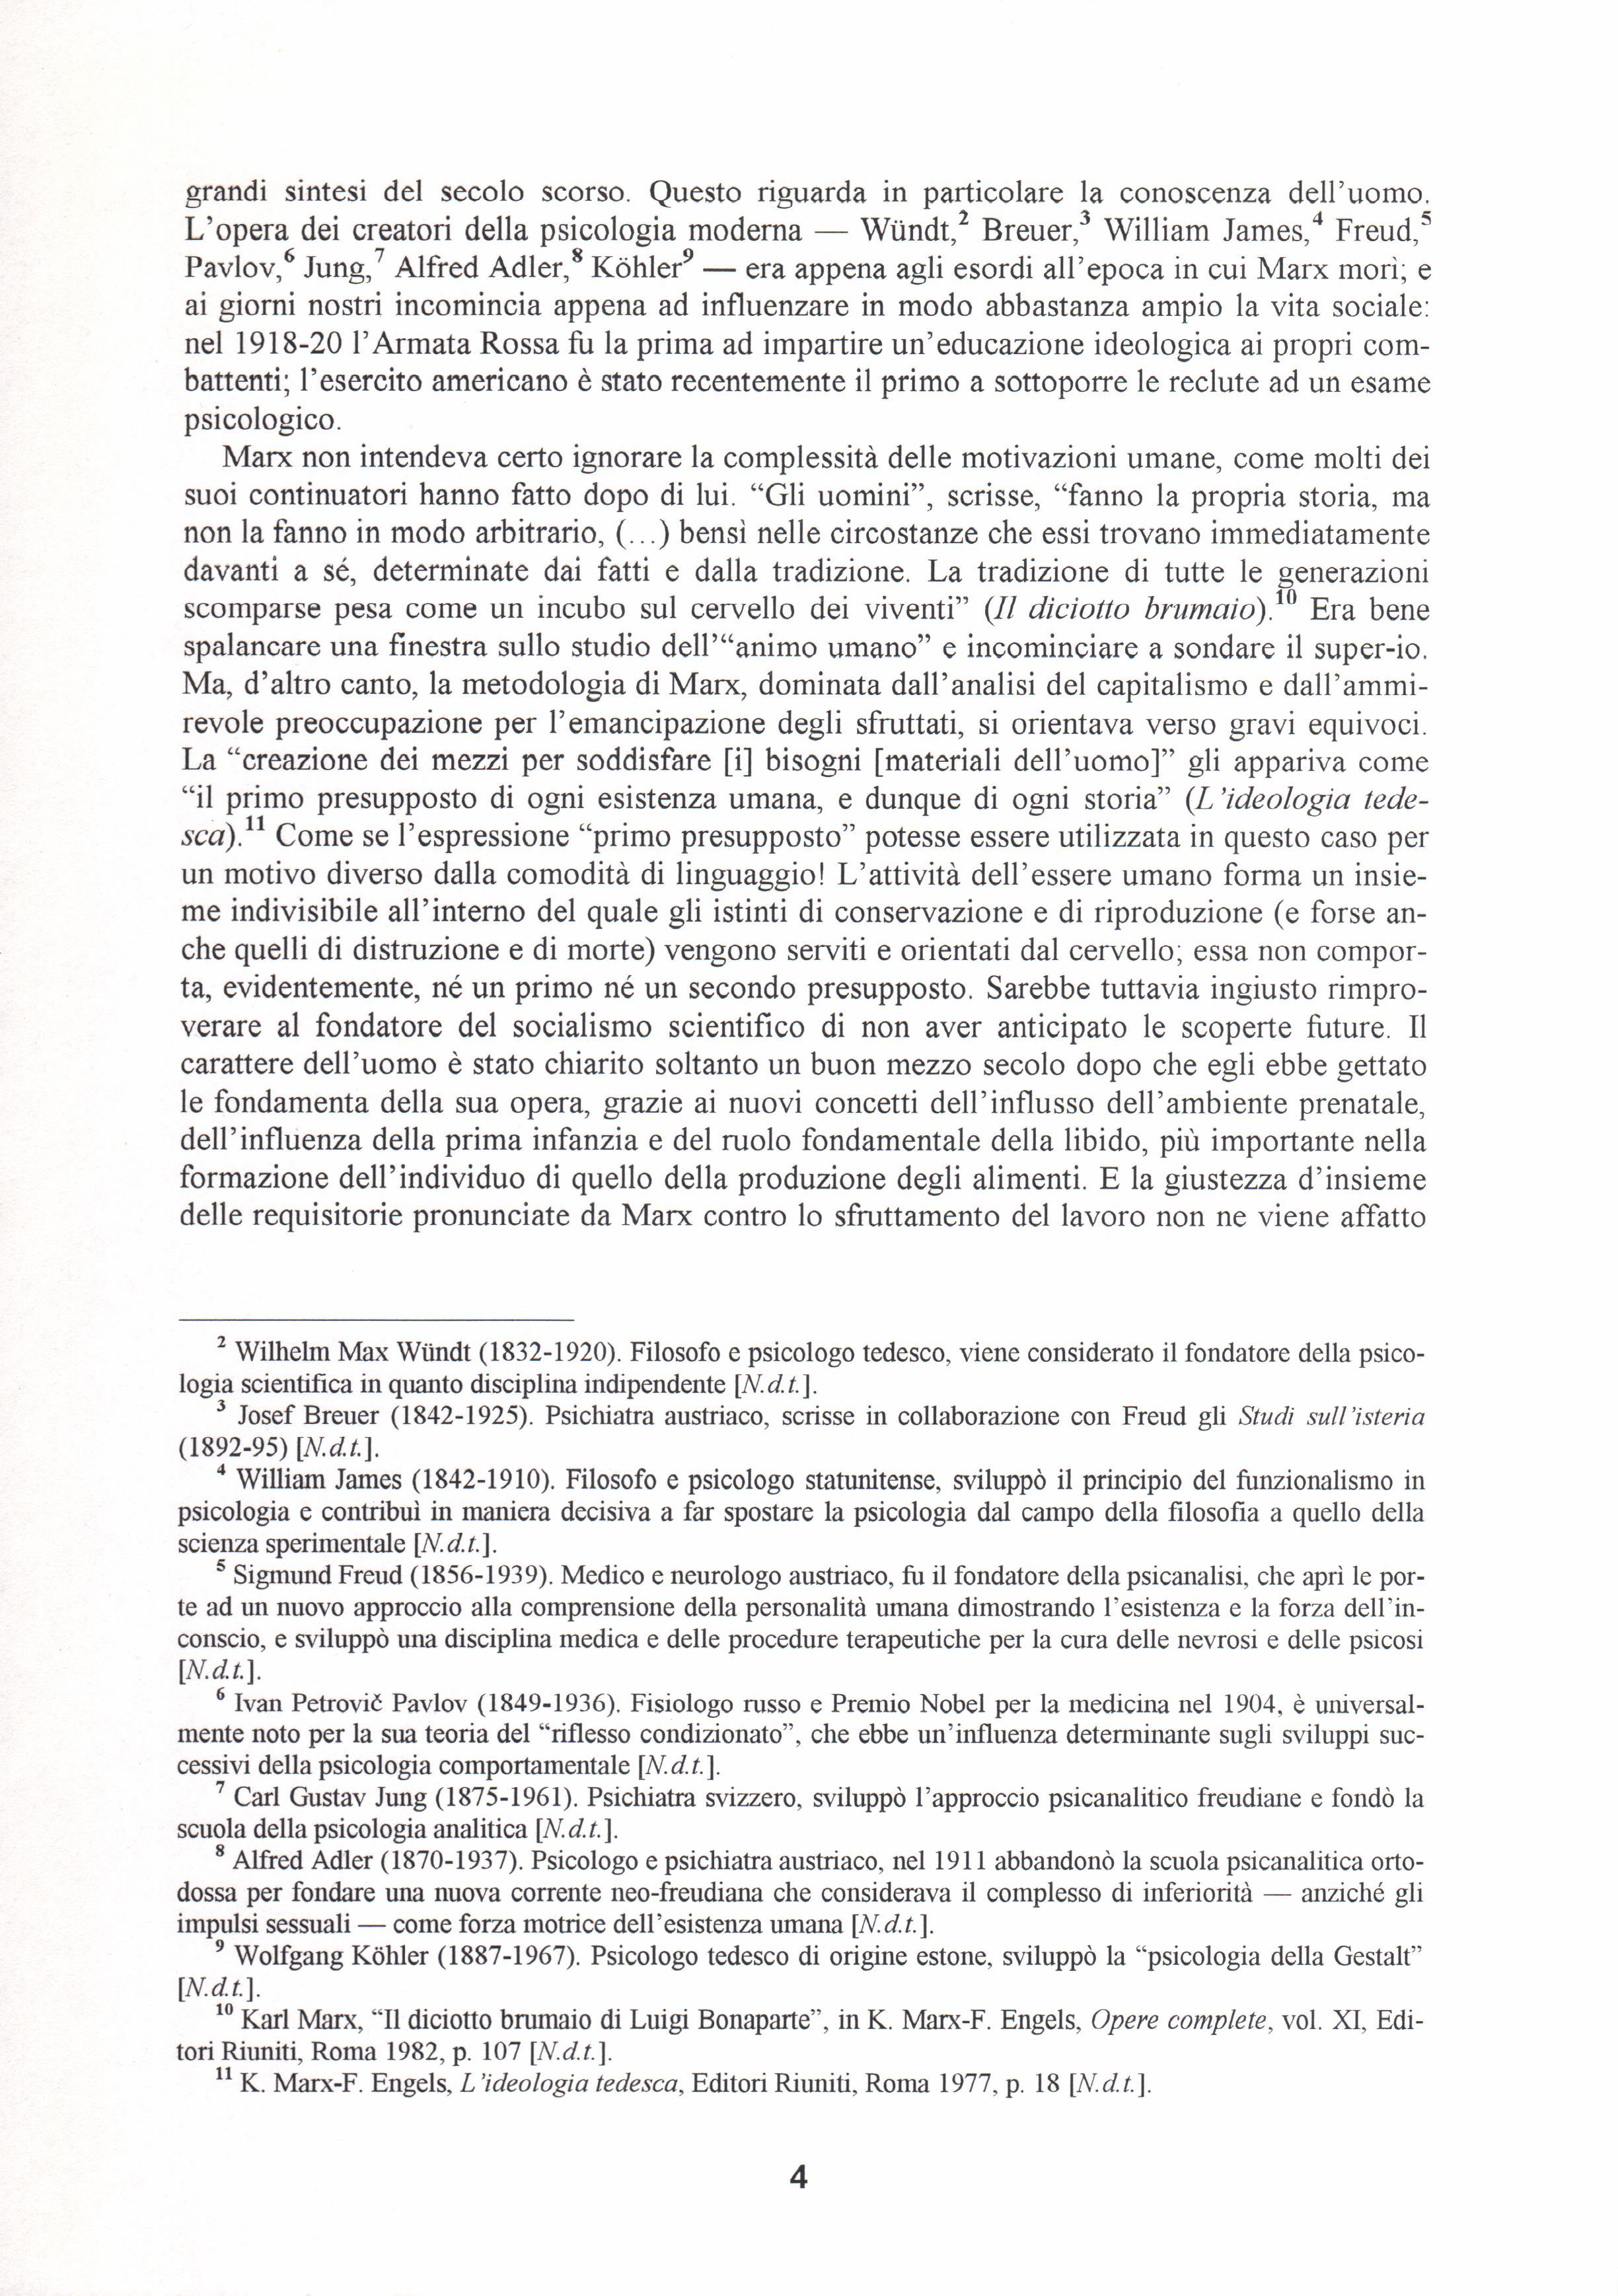 Quaderno n. 20 - pag. 5